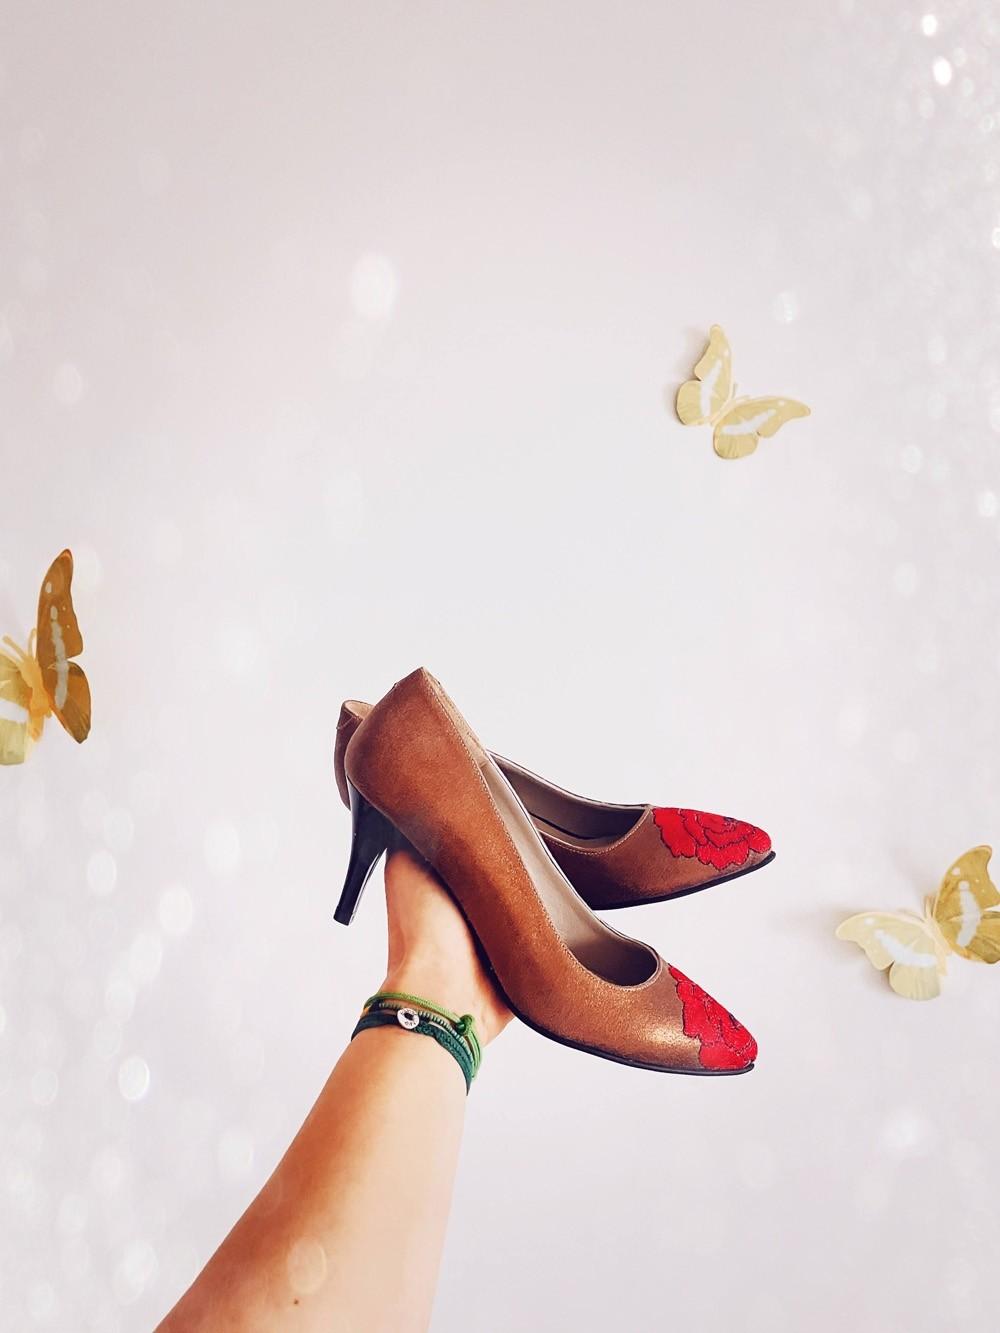 Pantofi dama stiletto cu toc mic si broderie din flori multicolor - Maro gold